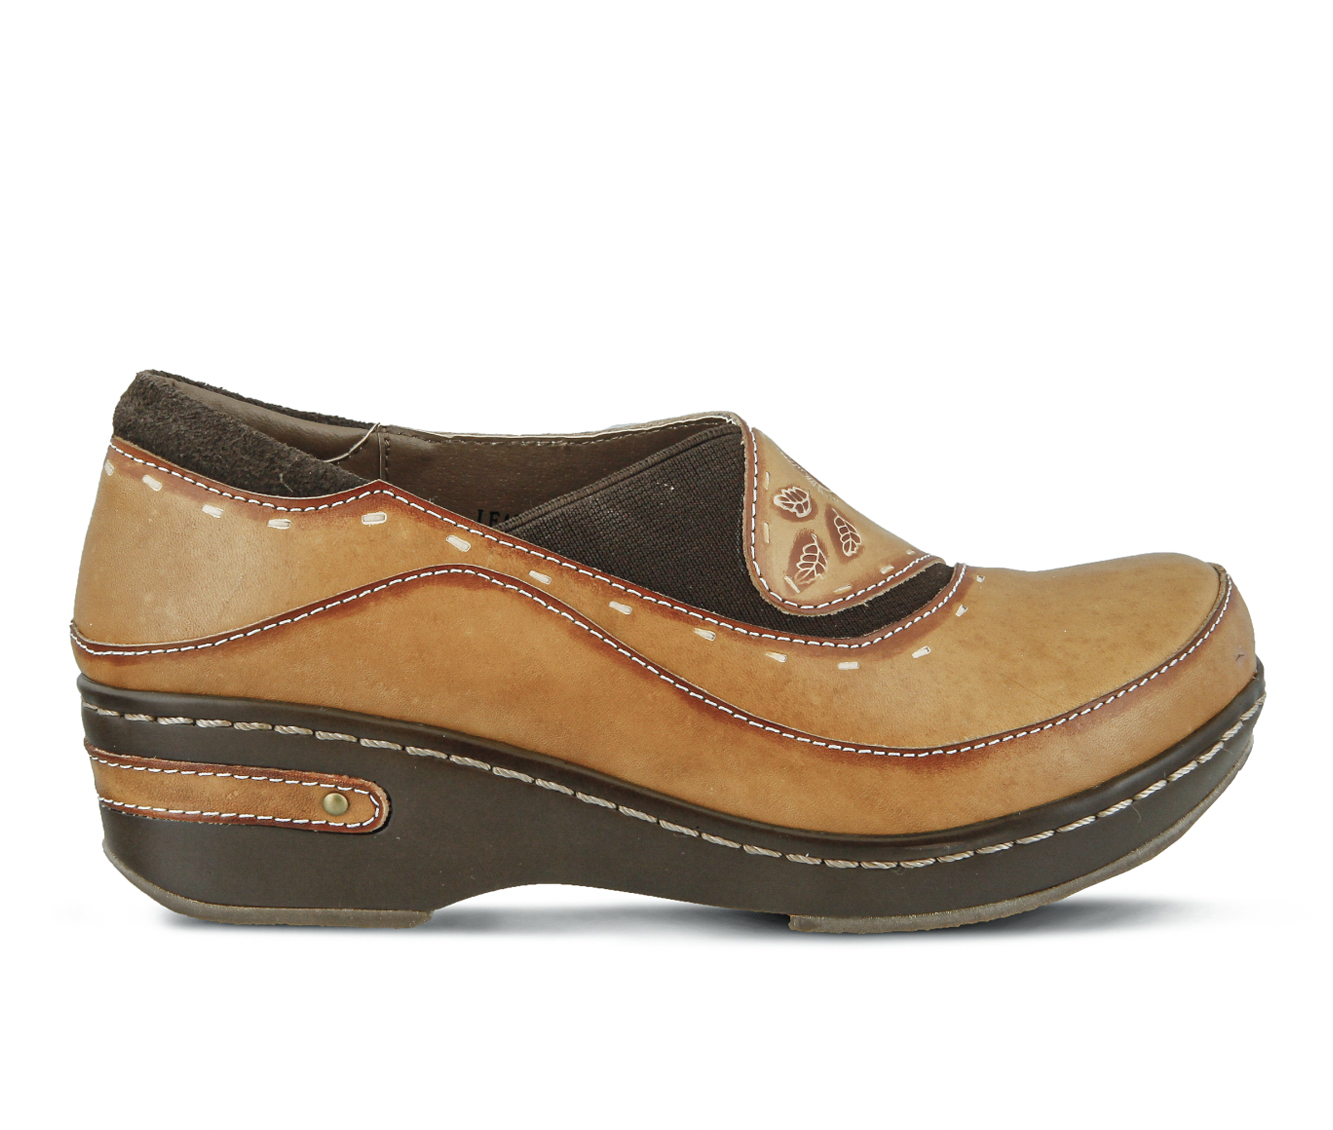 L'Artiste Burbank Women's Shoe (Blue Leather)